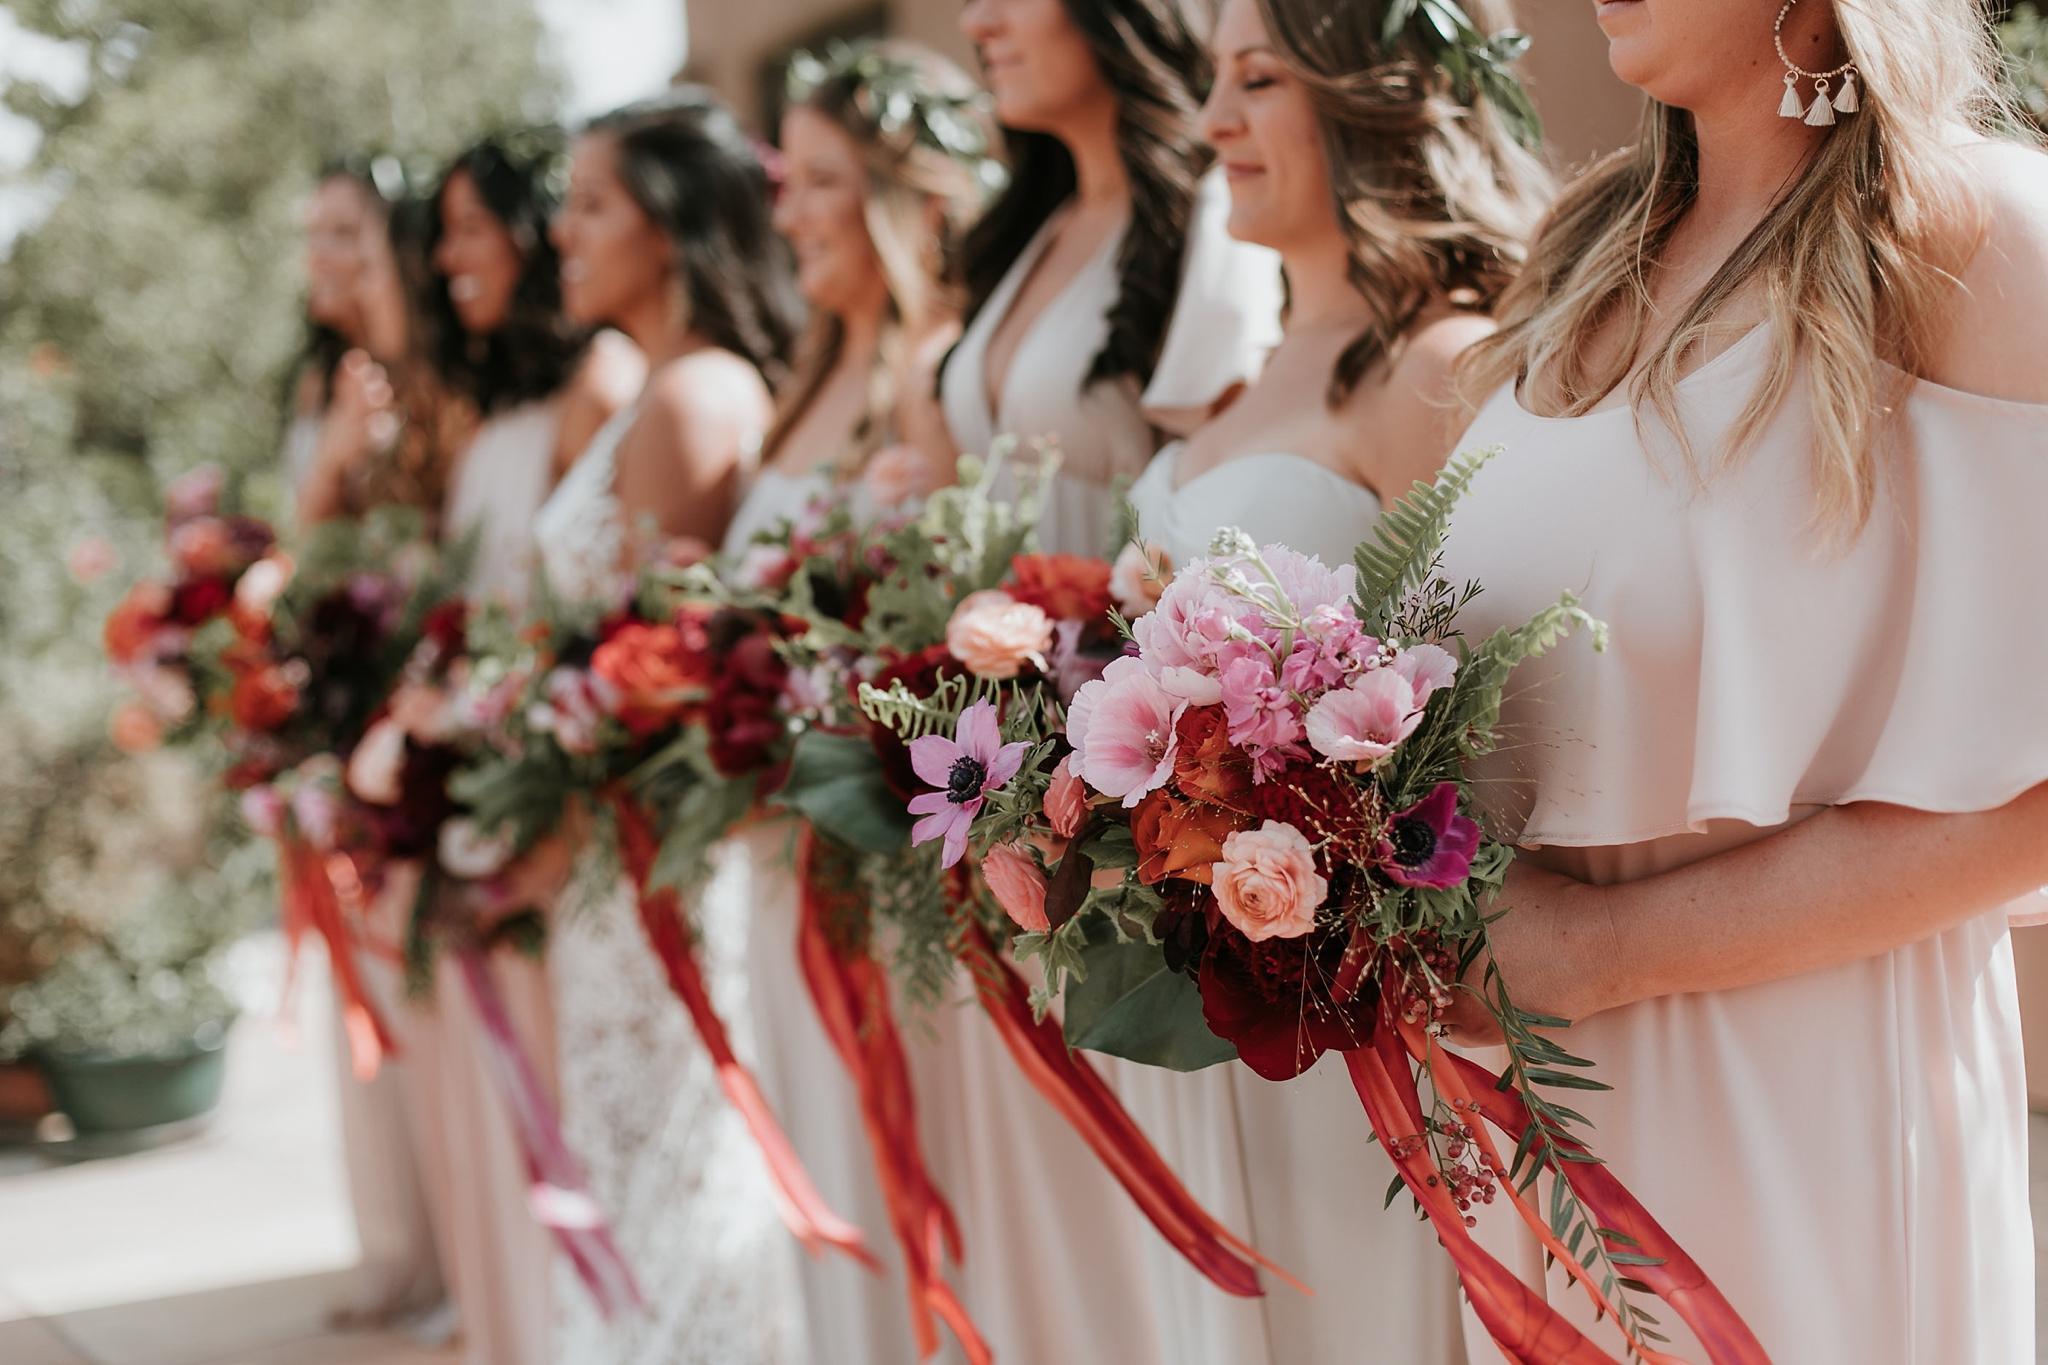 Alicia+lucia+photography+-+albuquerque+wedding+photographer+-+santa+fe+wedding+photography+-+new+mexico+wedding+photographer+-+new+mexico+wedding+-+new+mexico+wedding+-+colorado+wedding+-+bridesmaids+-+bridesmaid+style_0045.jpg